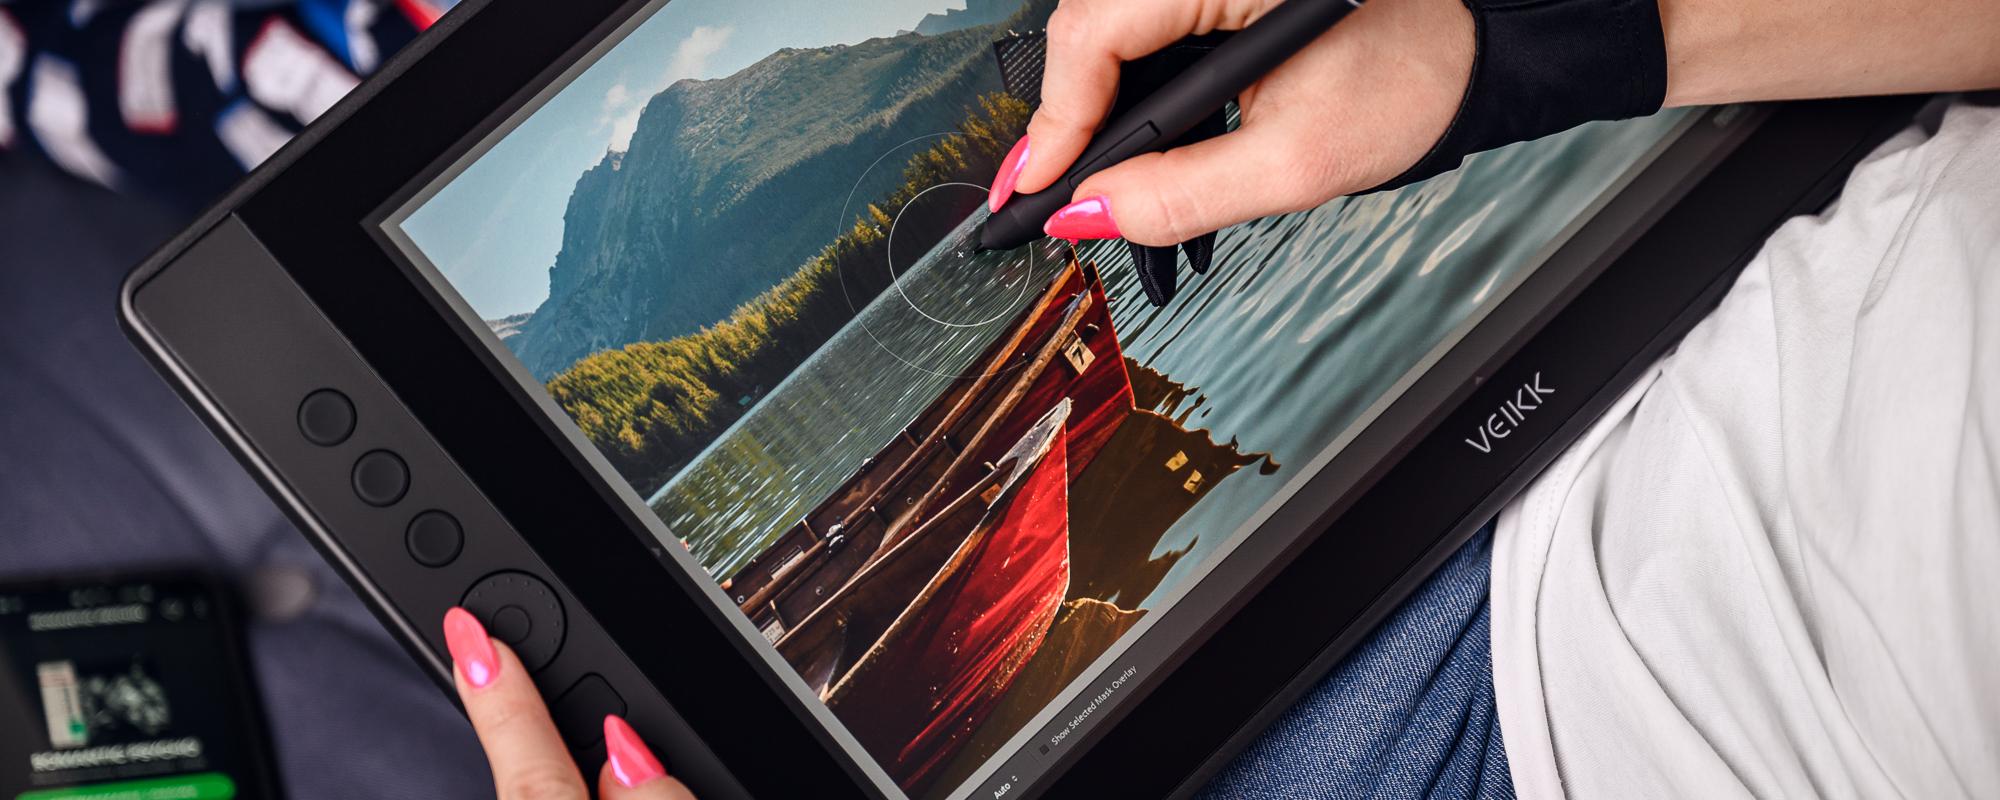 Zdjęcia - kobieca dłoń obsługująca piórko, malująca na tablecie graficznym z ekranem LCD Veikk VK1560